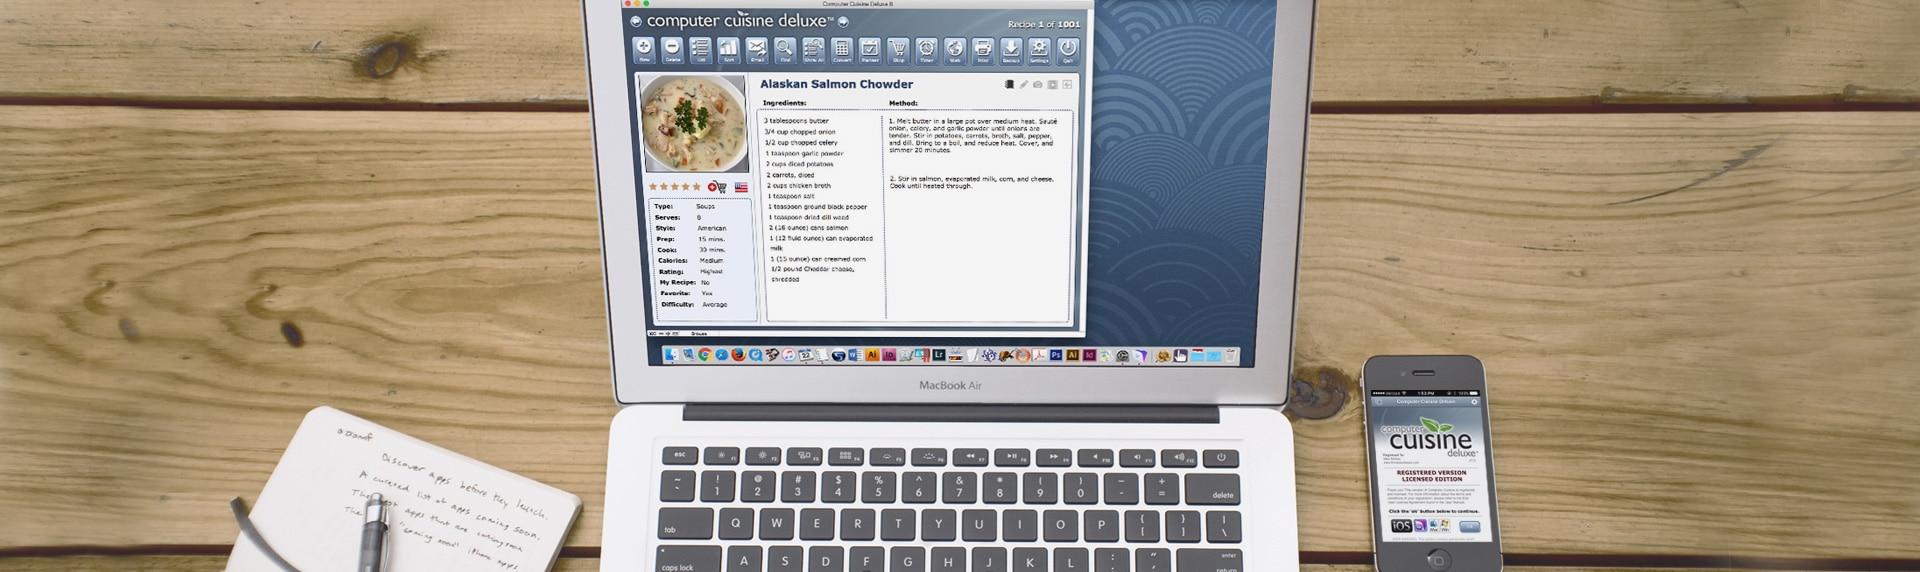 Computer Cuisine Deluxe Main Laptop